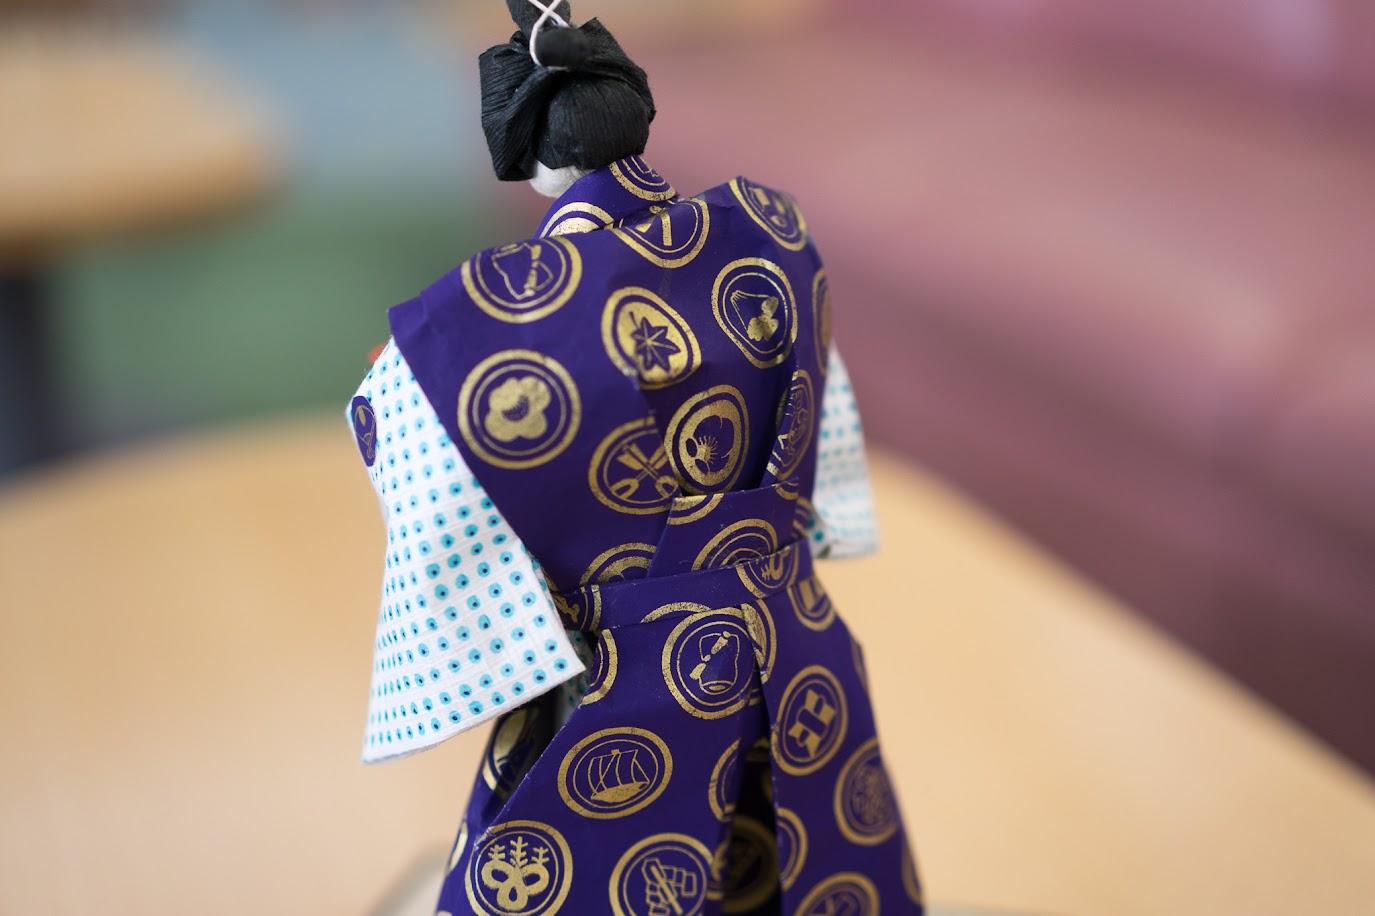 素晴らしい見事な和紙人形